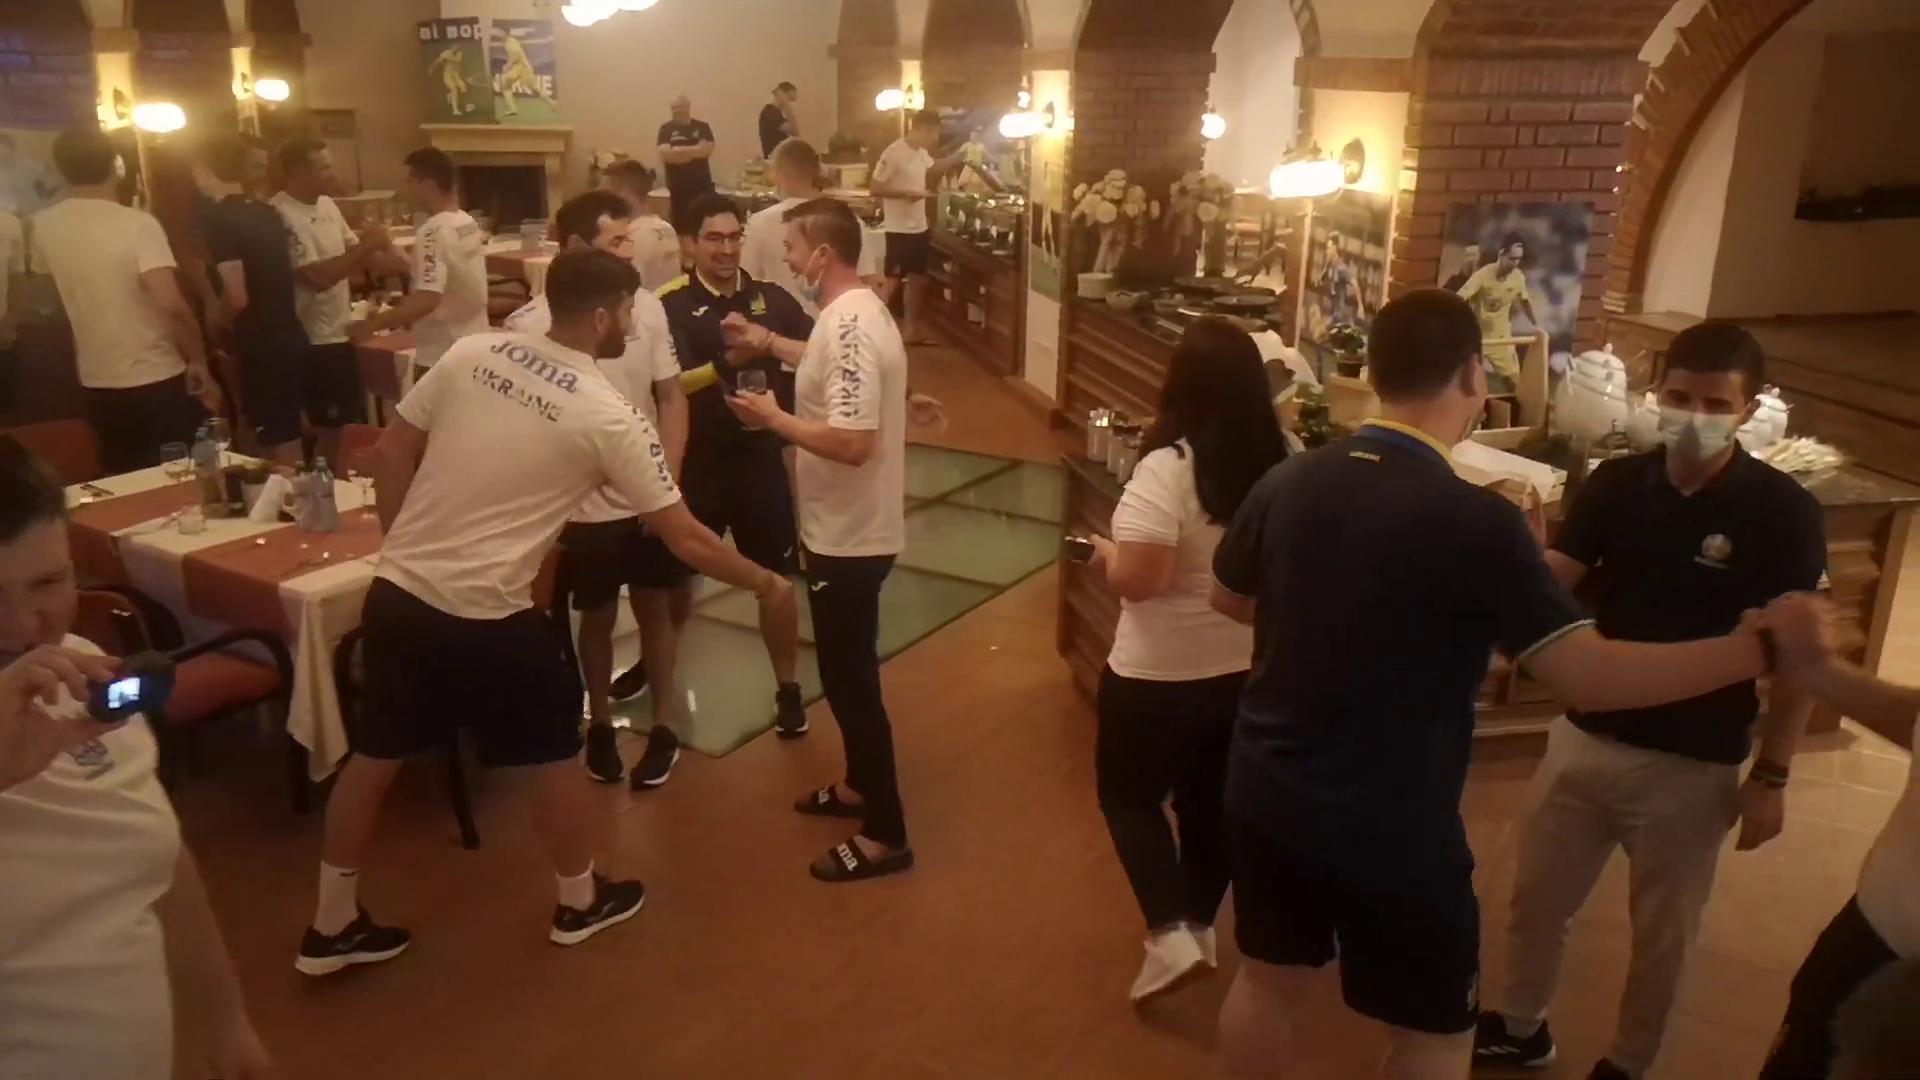 Національна команда зібралася в ресторані готелю